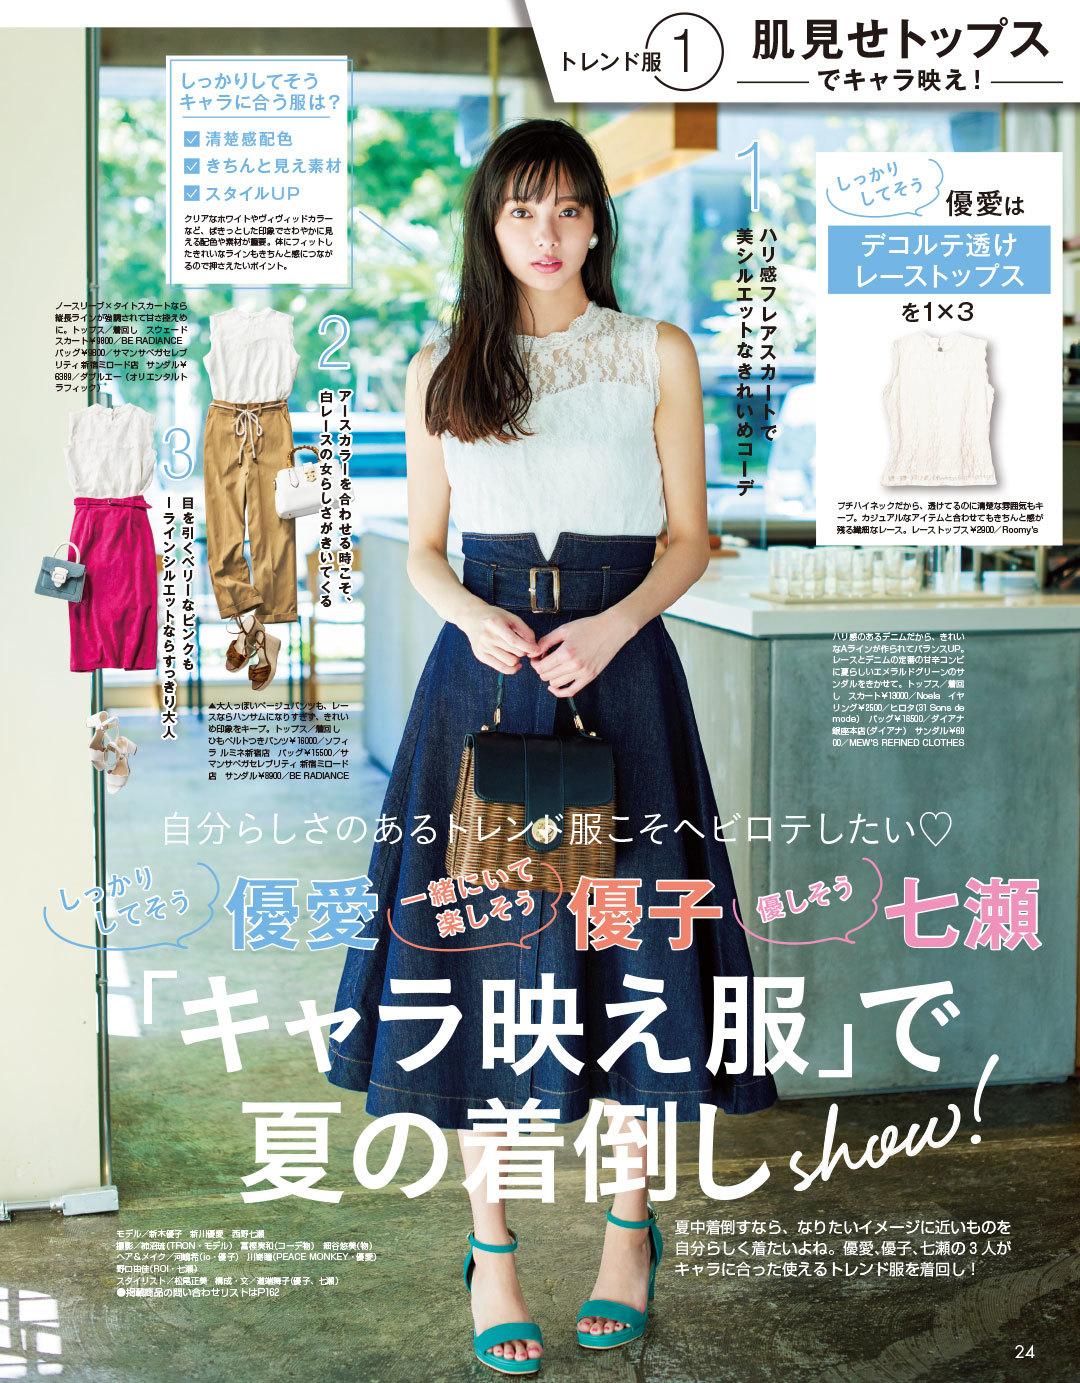 「キャラ映え服」で夏の着倒しshow!